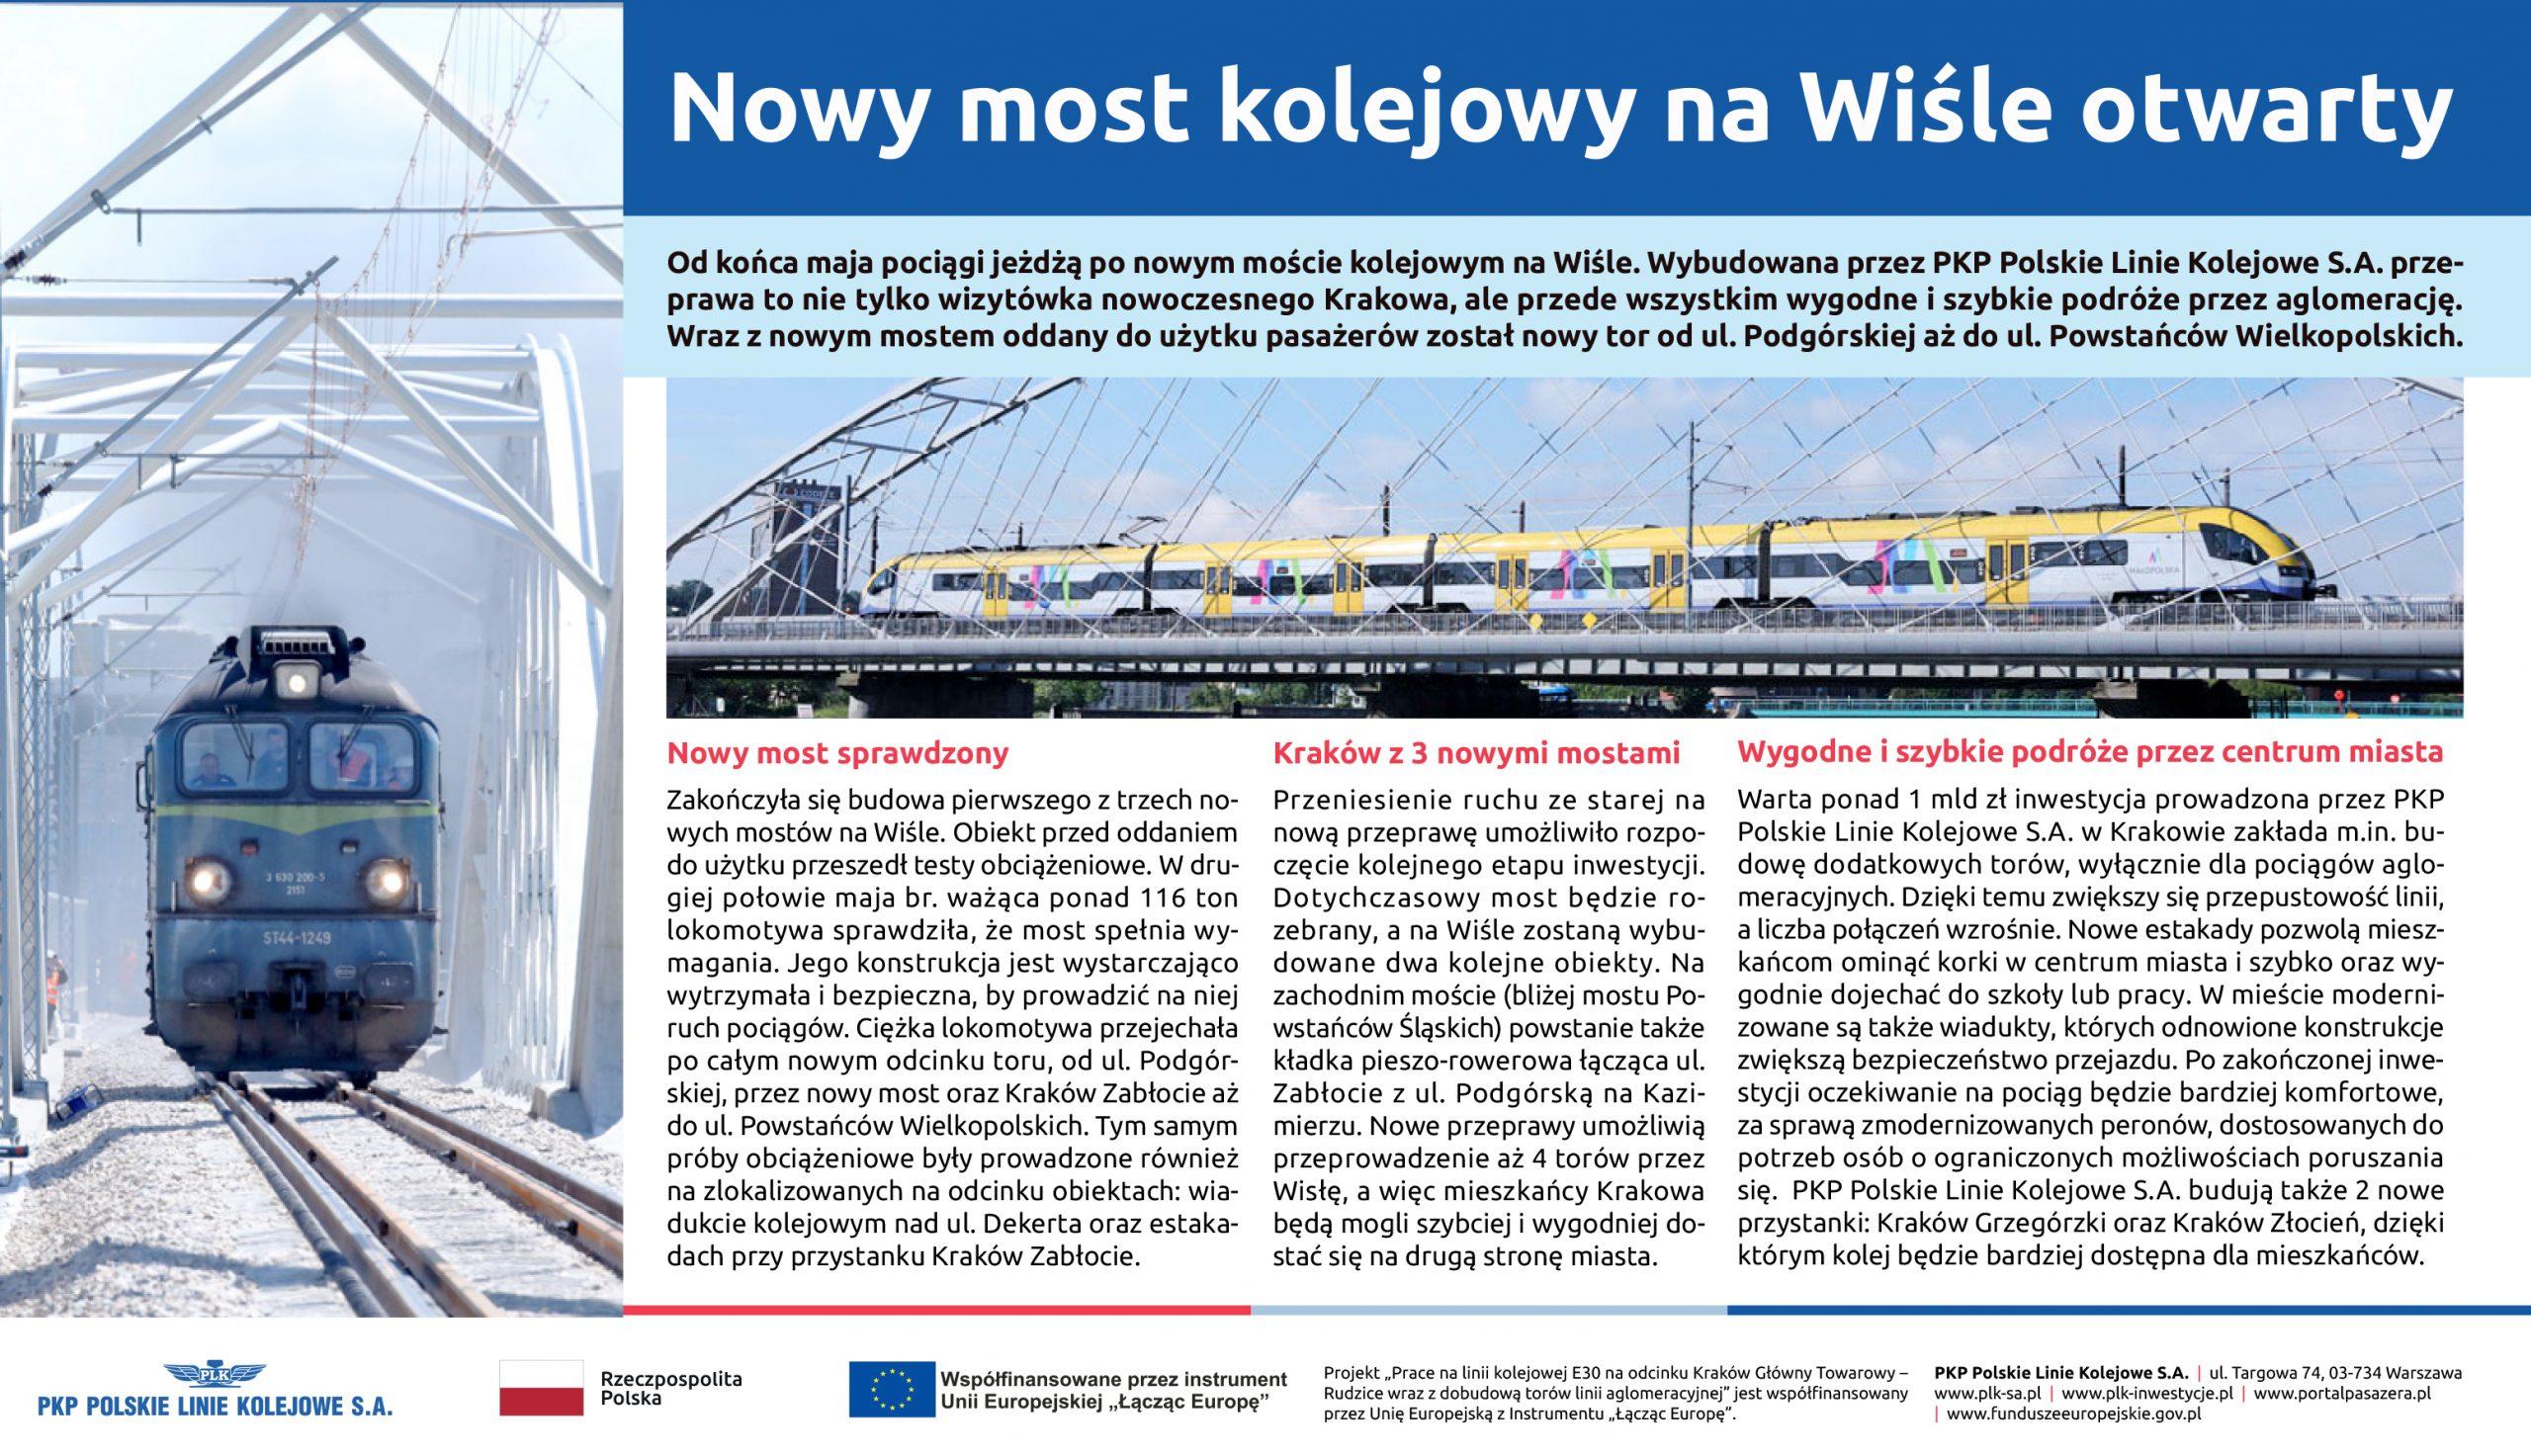 """Artykuł """"Nowy most kolejowy na Wiśle otwarty"""" opublikowany w Gazecie Krakowskiej i Dzienniku Polskim 9 czerwca 2020 r."""